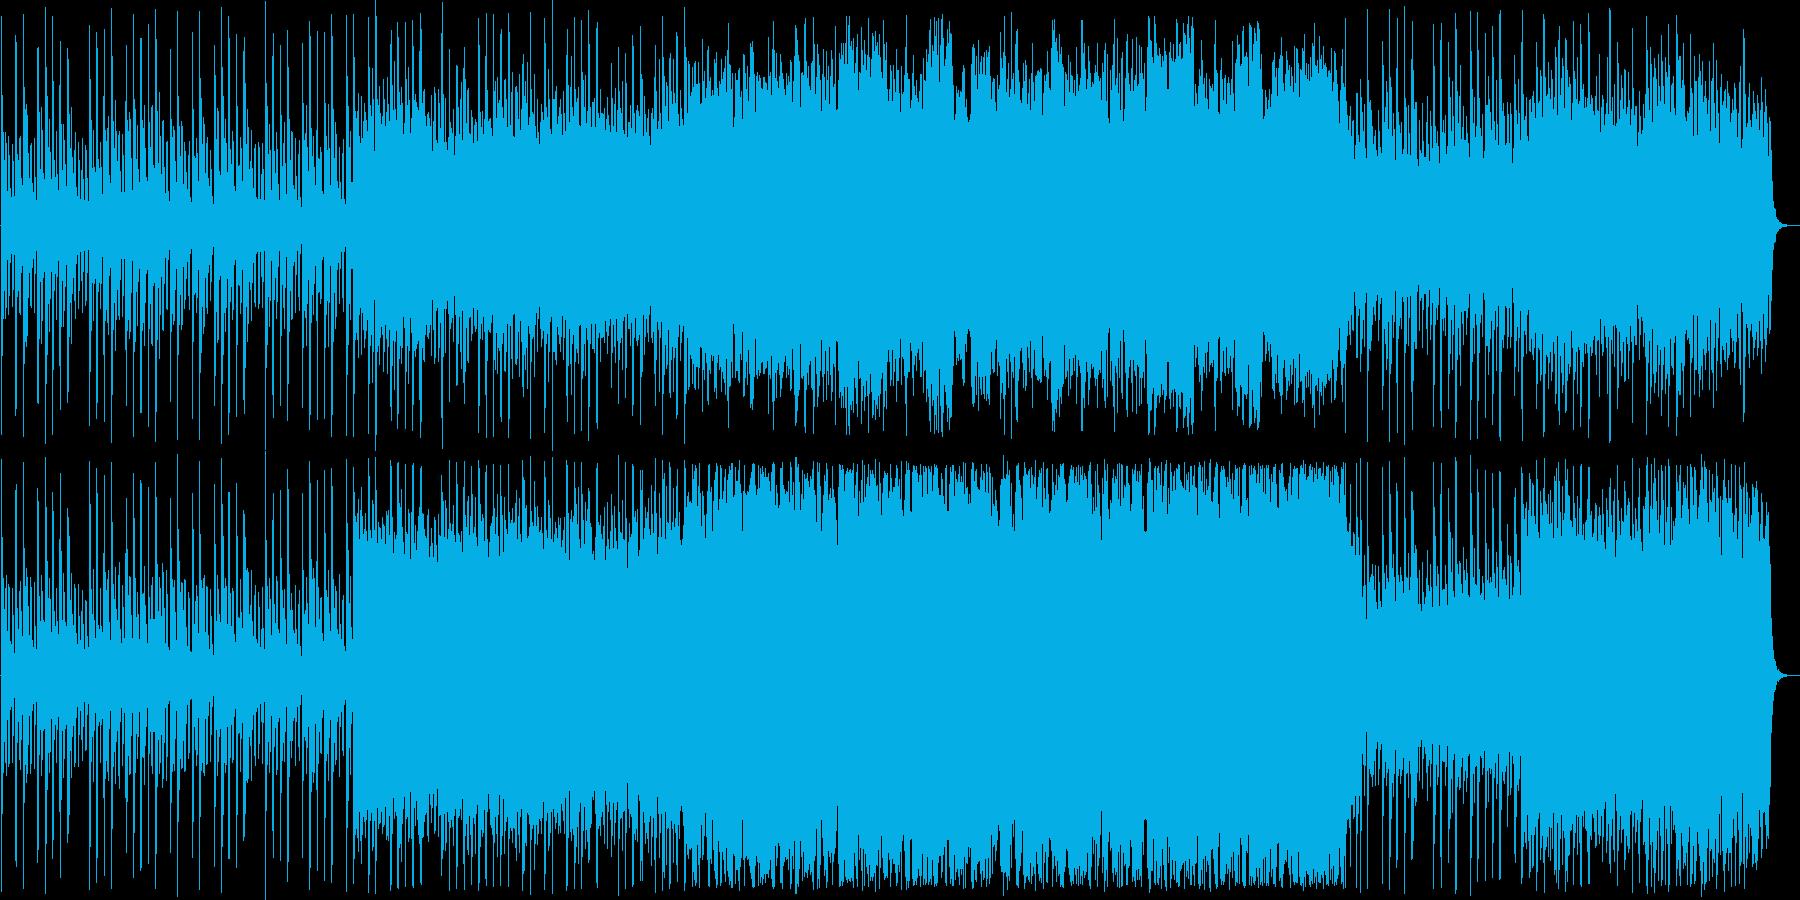 ドラマティックなシンセ・ピアノサウンドの再生済みの波形